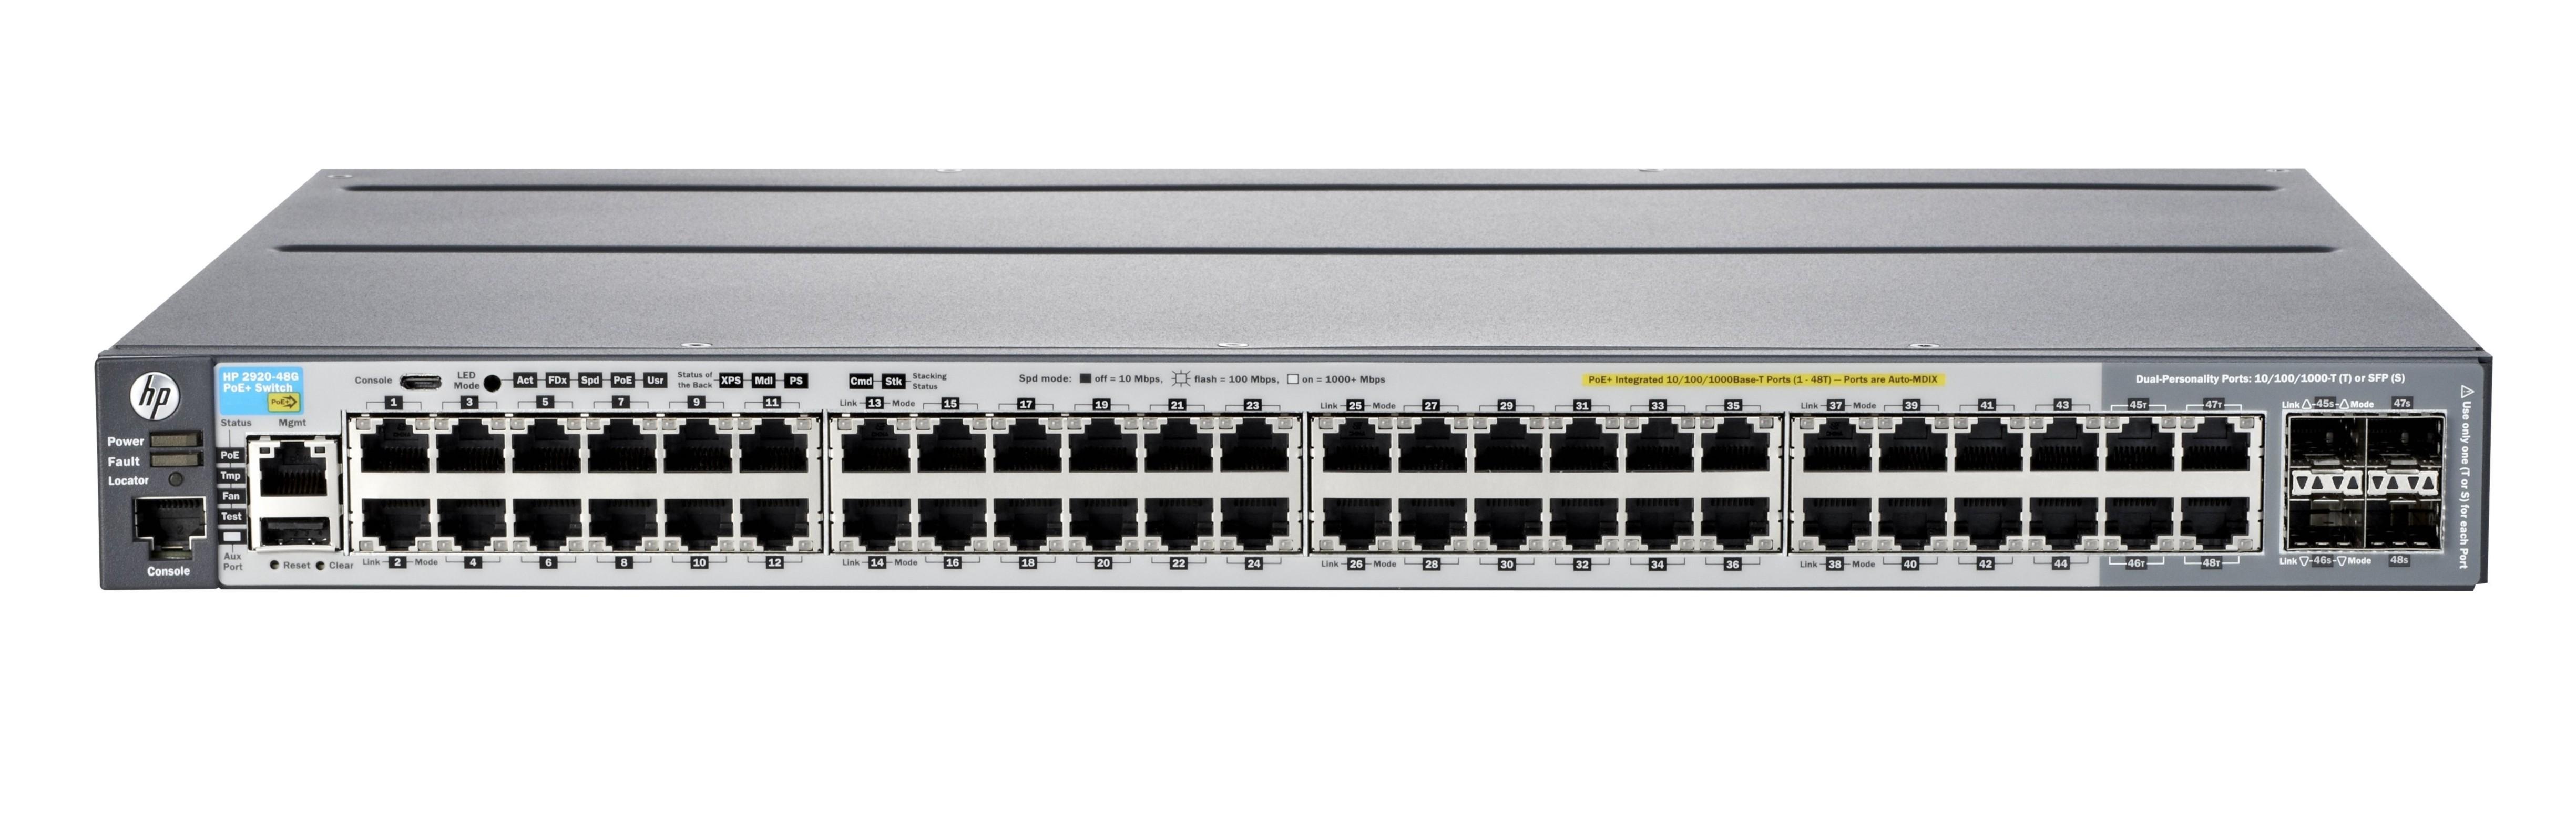 HP (J9836A) Aruba 2920-48G-POE+ 740W - 48 Port RJ-45 PoE+ Switch NEW